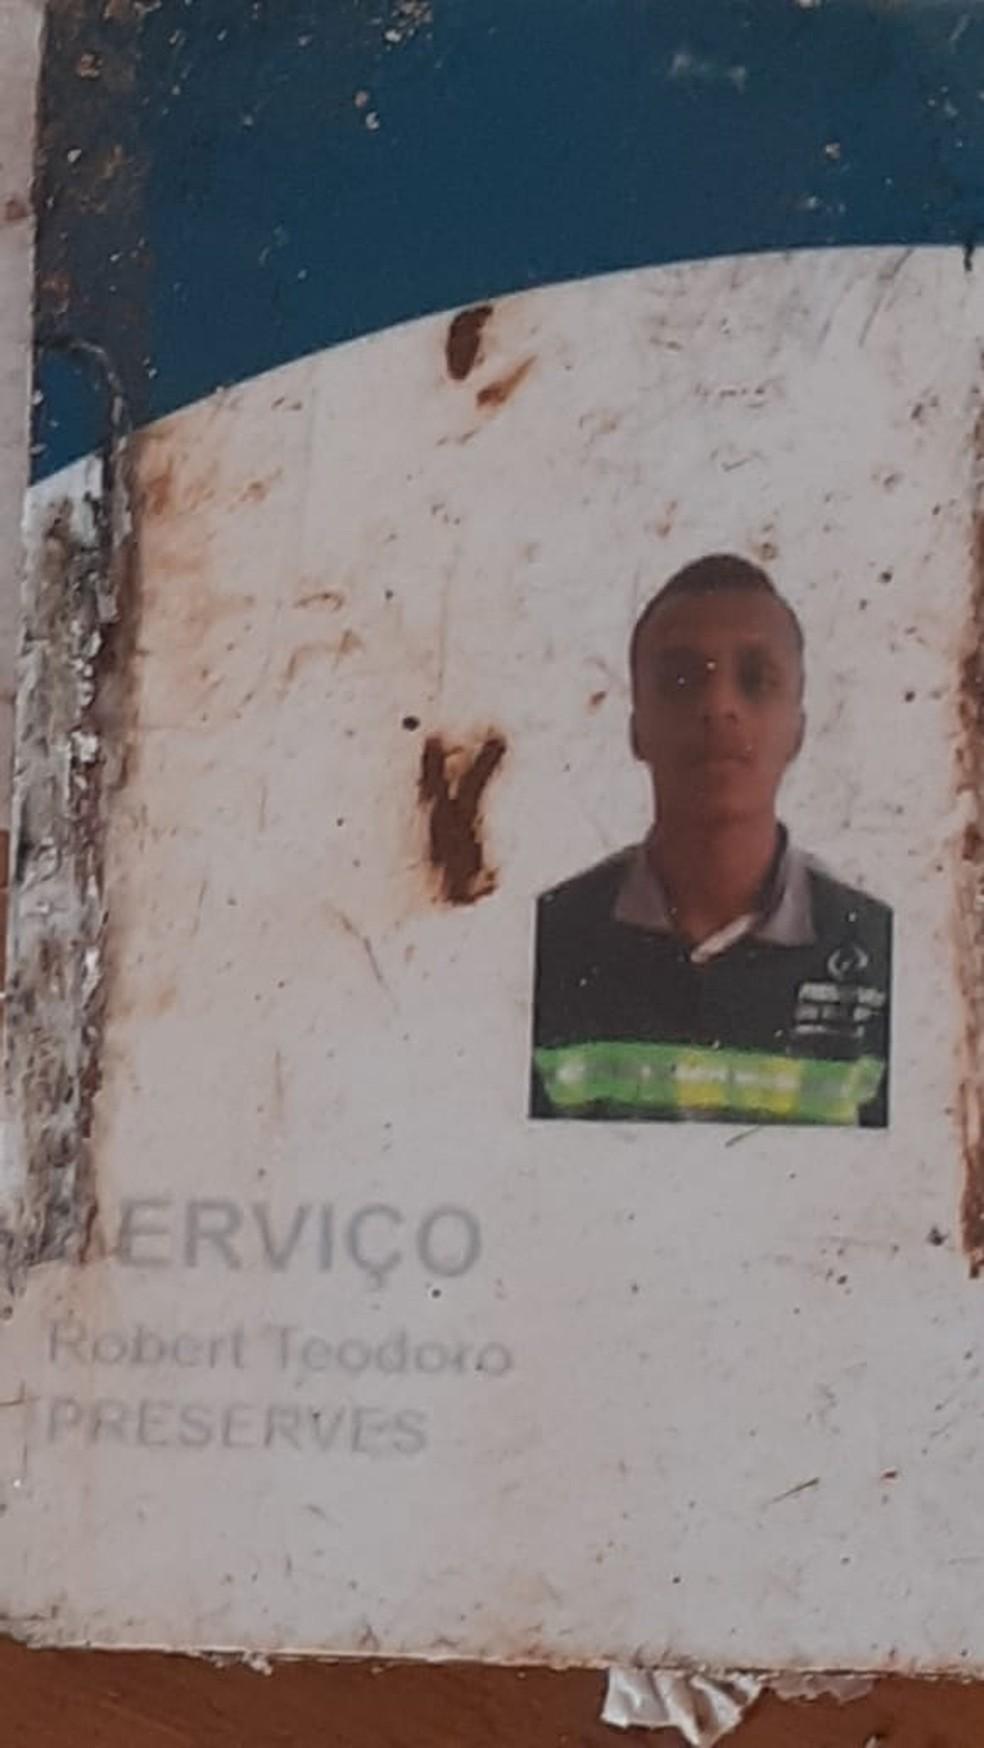 Crachá de Robert Ruan foi encontrado com o corpo dele, em Brumadinho — Foto: Arquivo pessoal